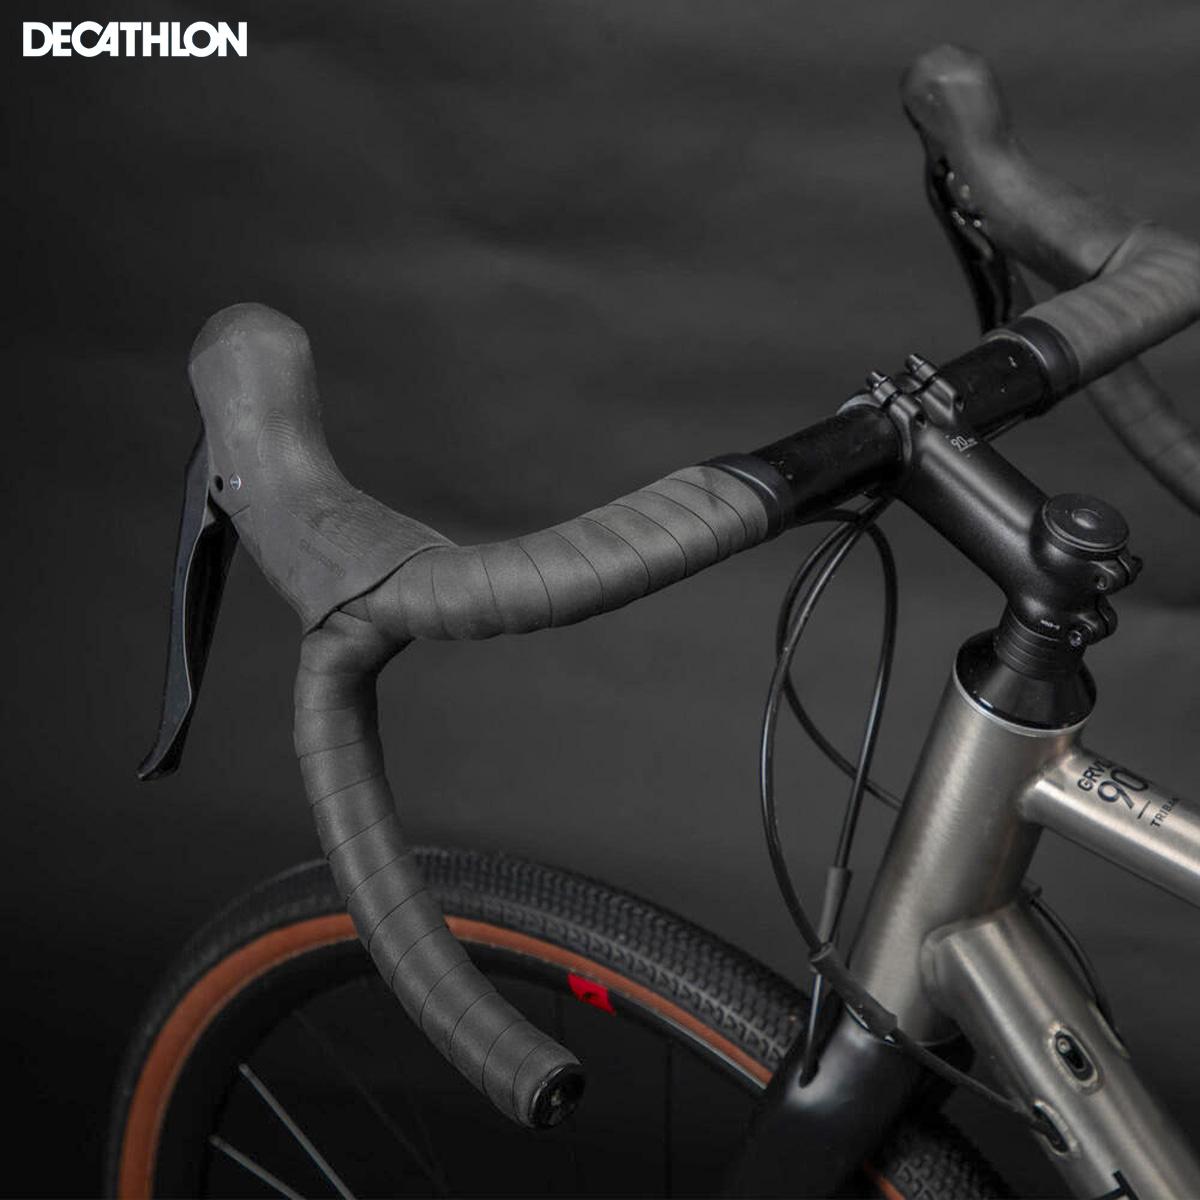 Dettaglio del manubrio e della leva del freno Shimano GRX 400 sulla bici Decathlon Triban GRVL900 TI 2021